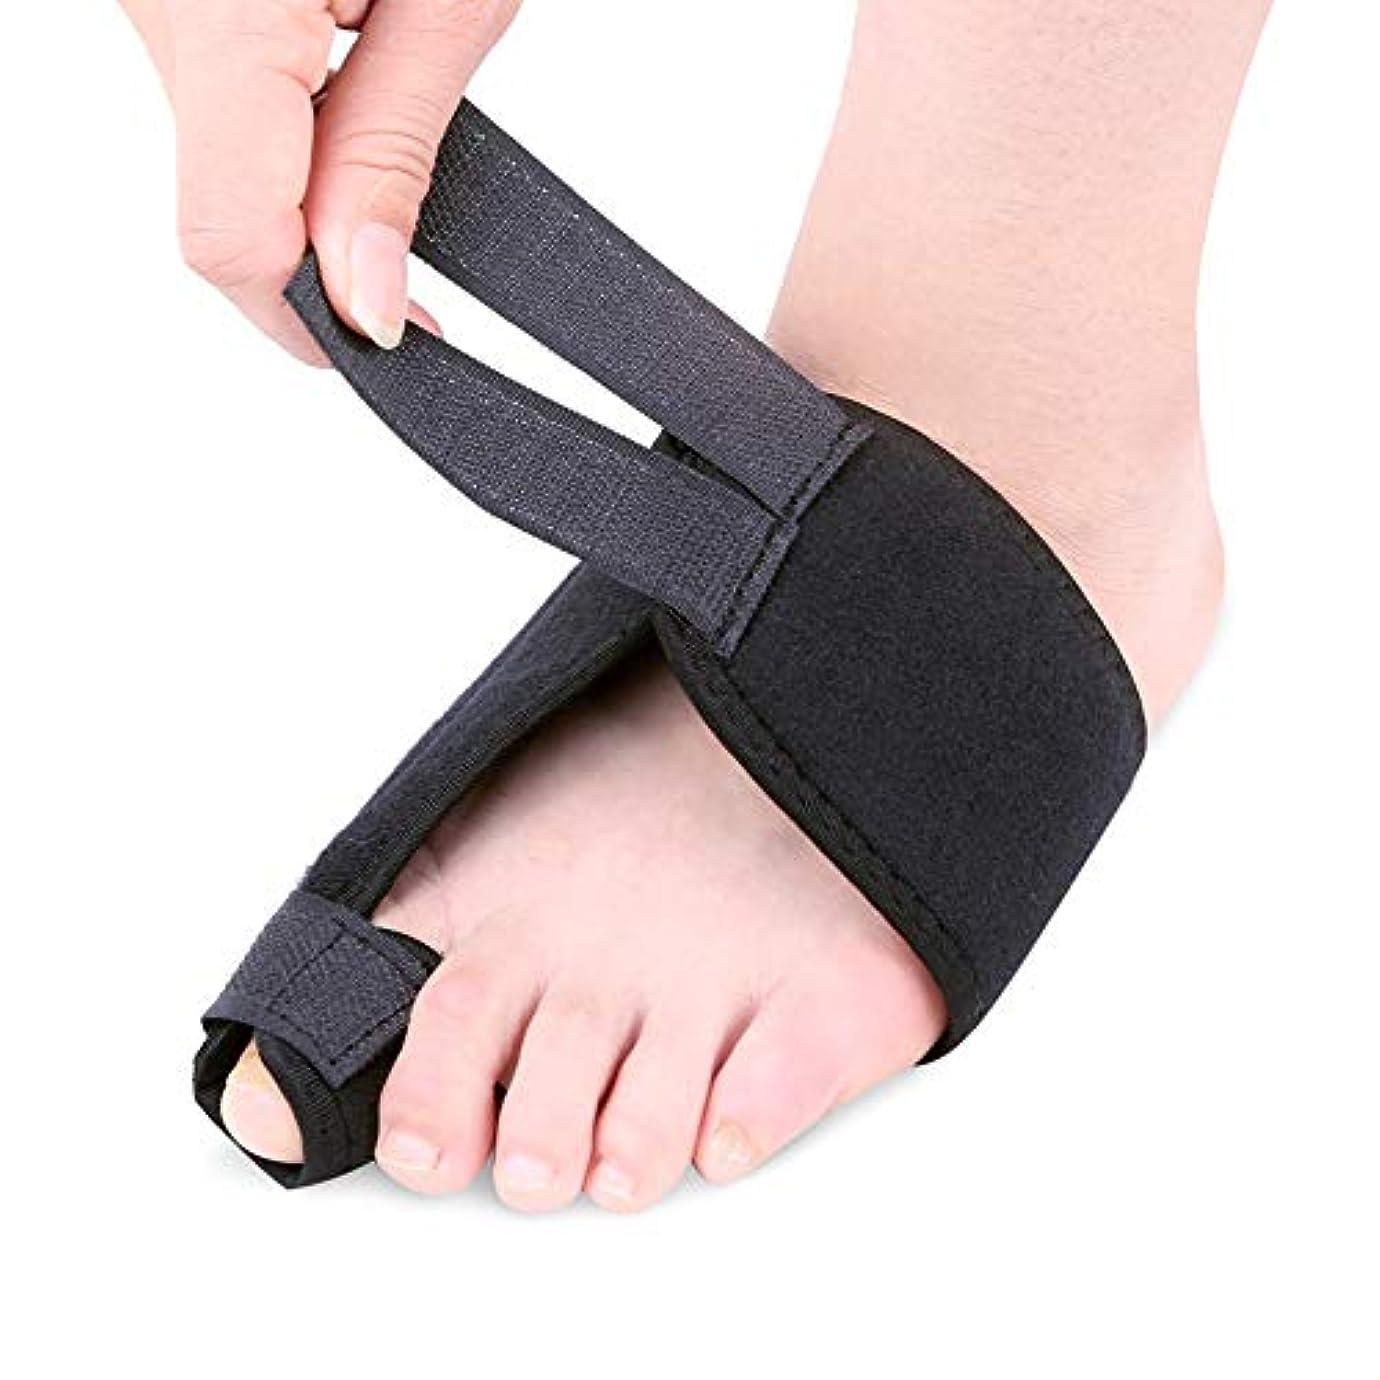 絡み合いサイクルお尻外反母趾足指セパレーターは足指重複嚢胞通気性吸収汗を予防し、ヨガ後の痛みと変形を軽減,M